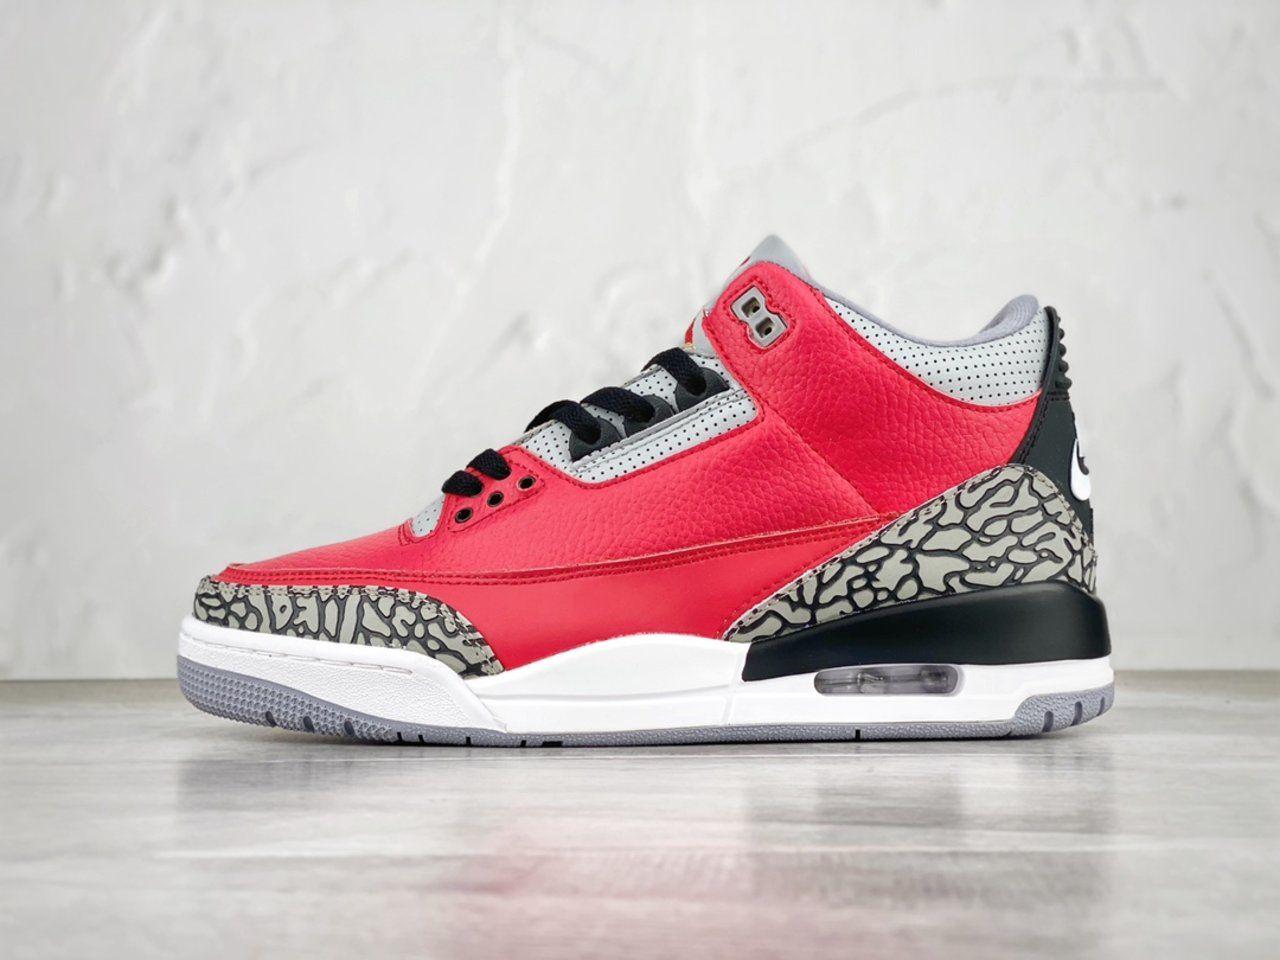 Air Jordan 3 Retro SE Unite Fire Red Outlet CK5692-600